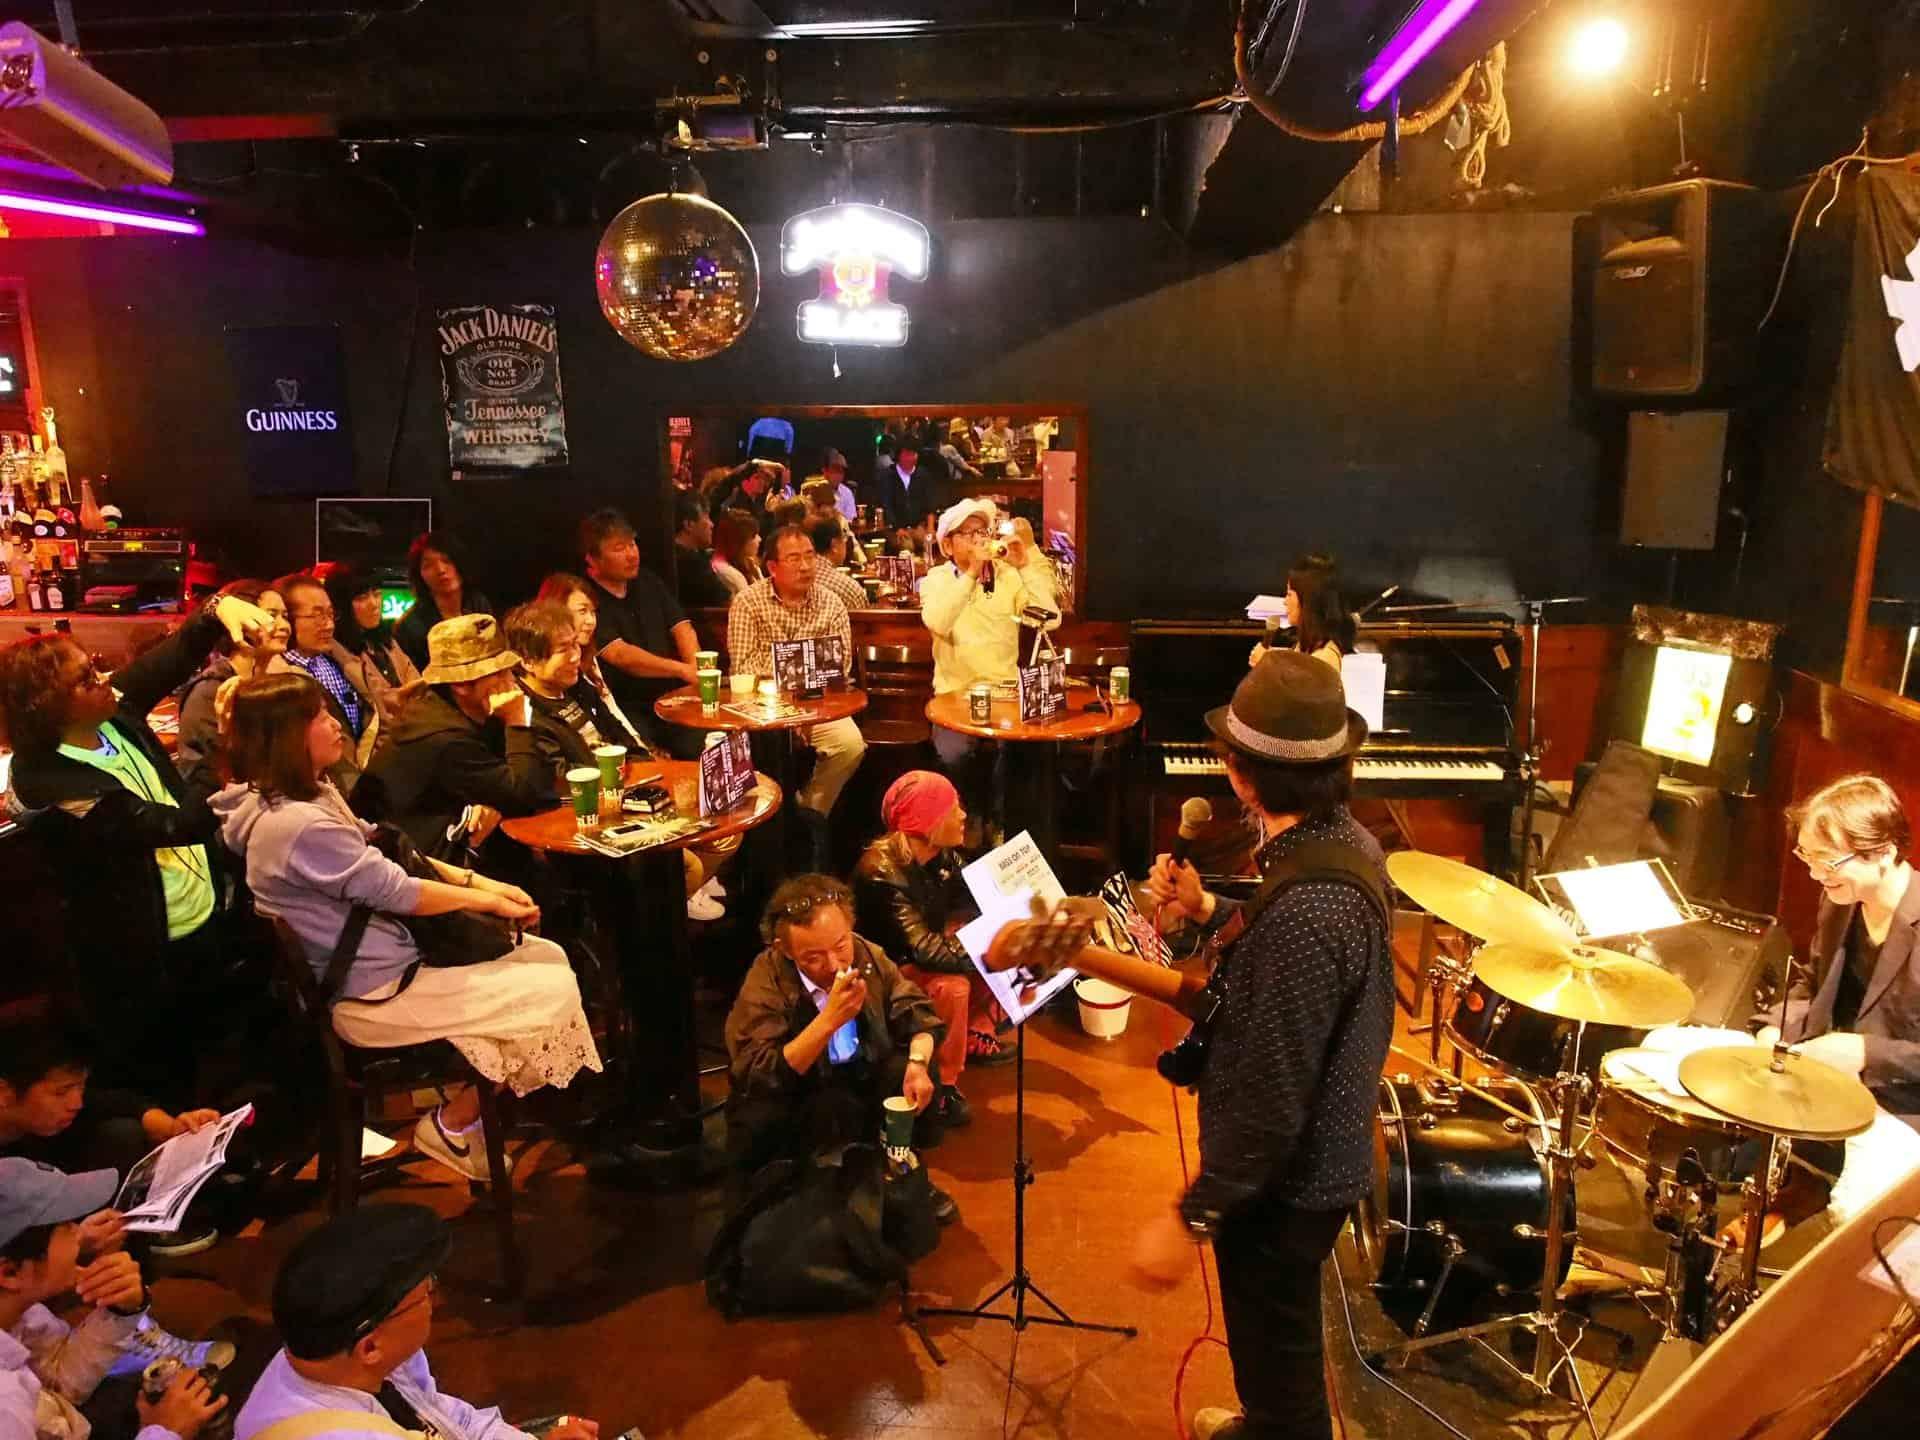 【高槻ジャズ出演情報】5/4 JK RUSH 小林理紗トリオで出演します。